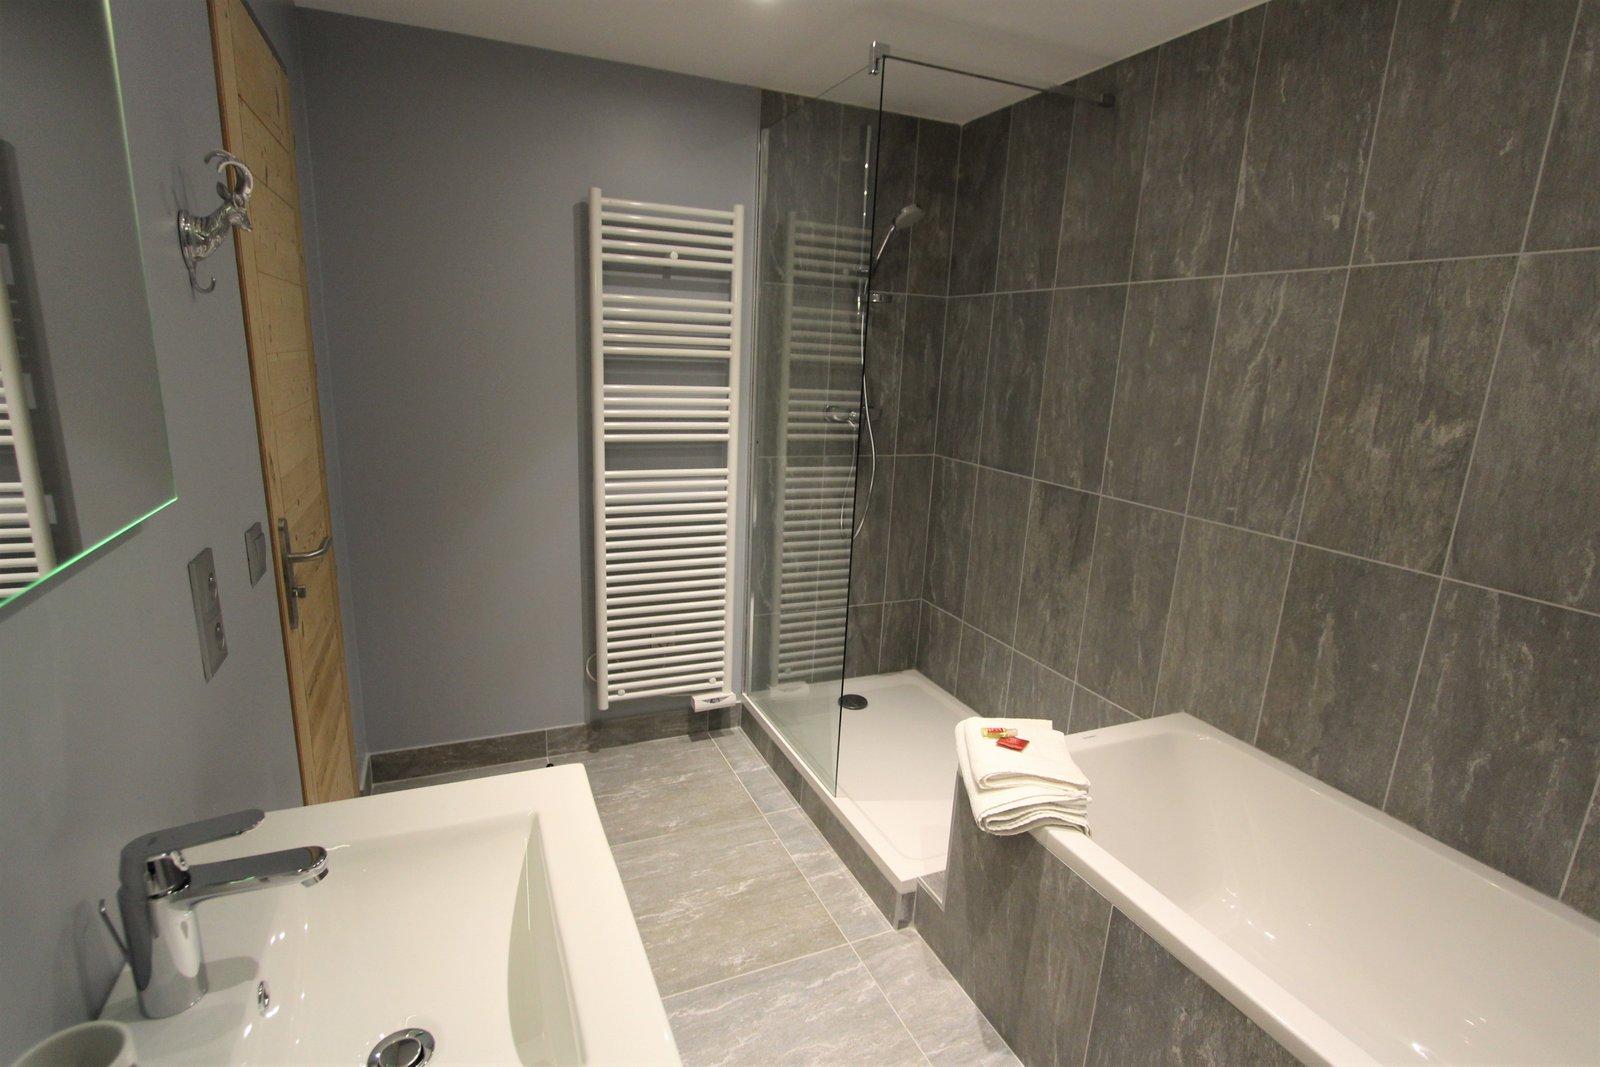 baignoire douche lavabo double vasque serviettes